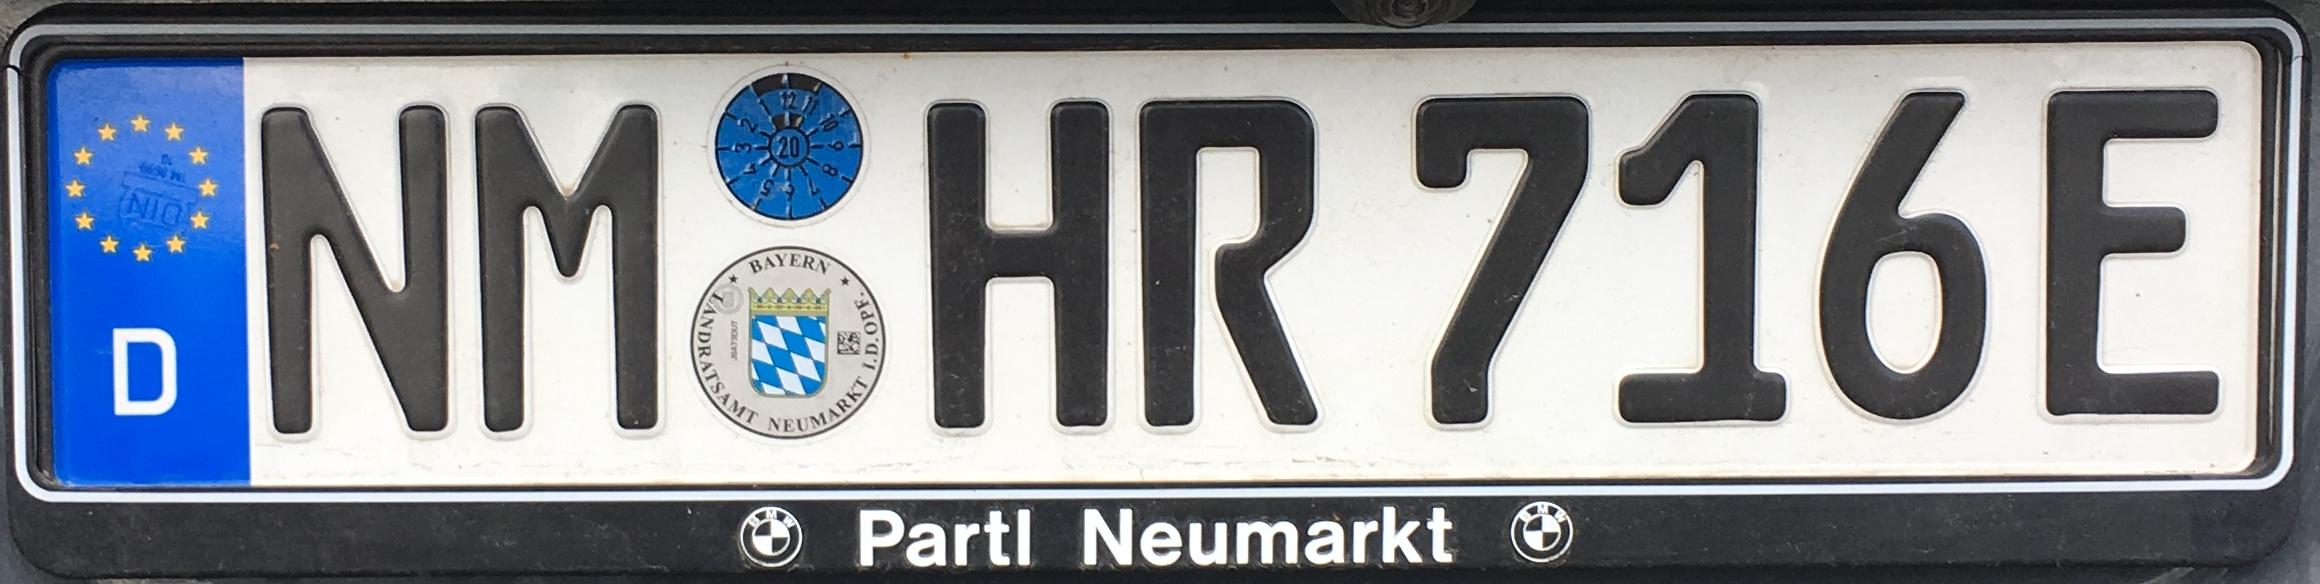 Registrační značka Německo – elektromobil, foto: www.podalnici.cz